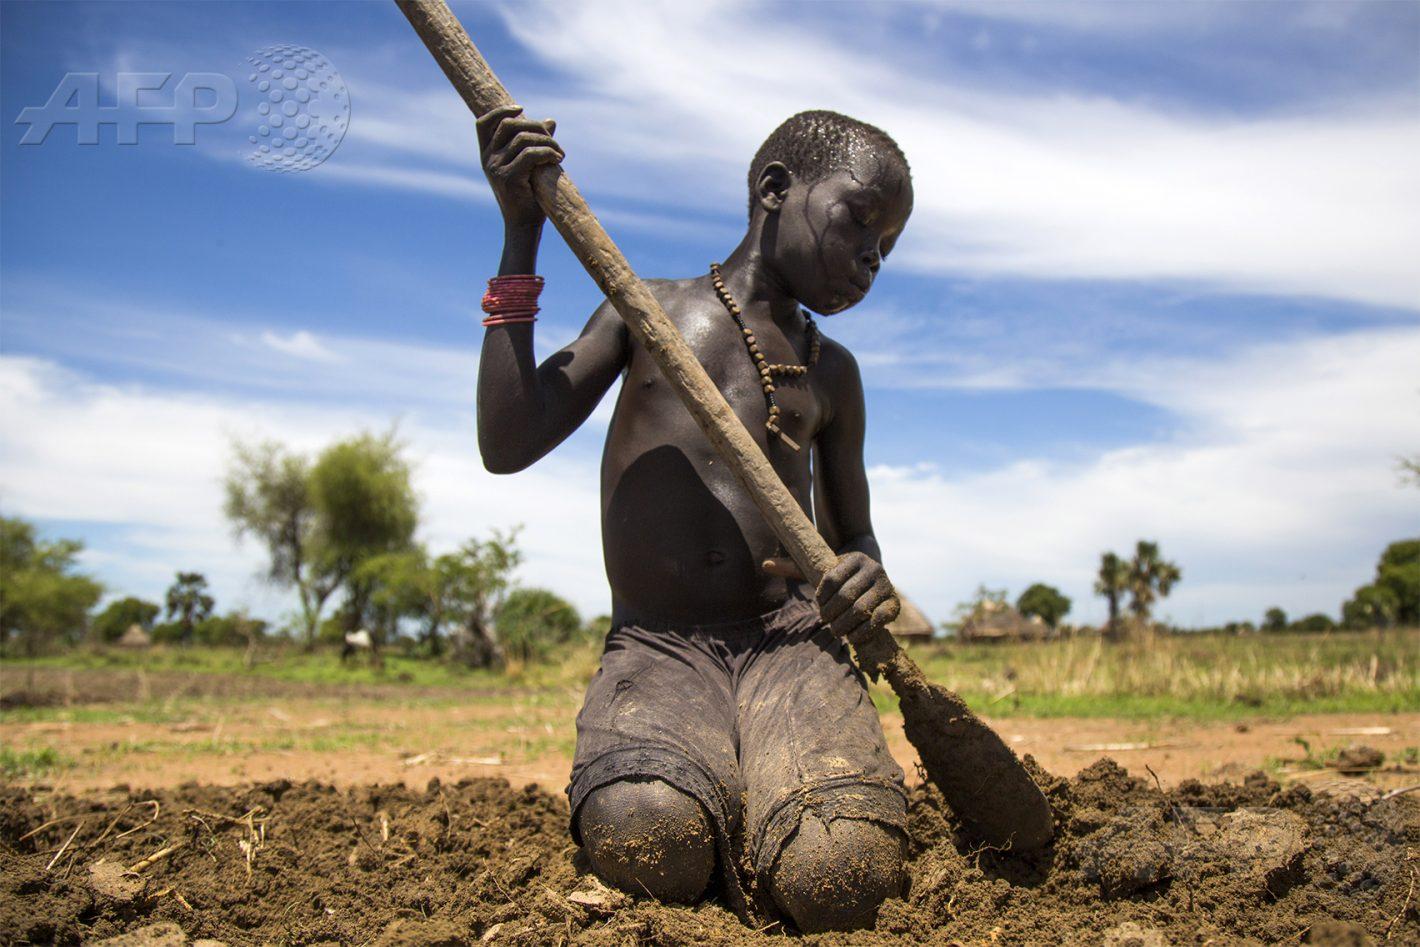 AFP 11 / SOUDAN DU SUD 31 mai 2017 - Panthau, Soudan du Sud - Nyibol Lual, 13 ans, aide à retourner la terre, sa famille possède une petite parcelle sur laquelle elle cultive le sorgho. AFP / ALBERT GONZALEZ FARRAN